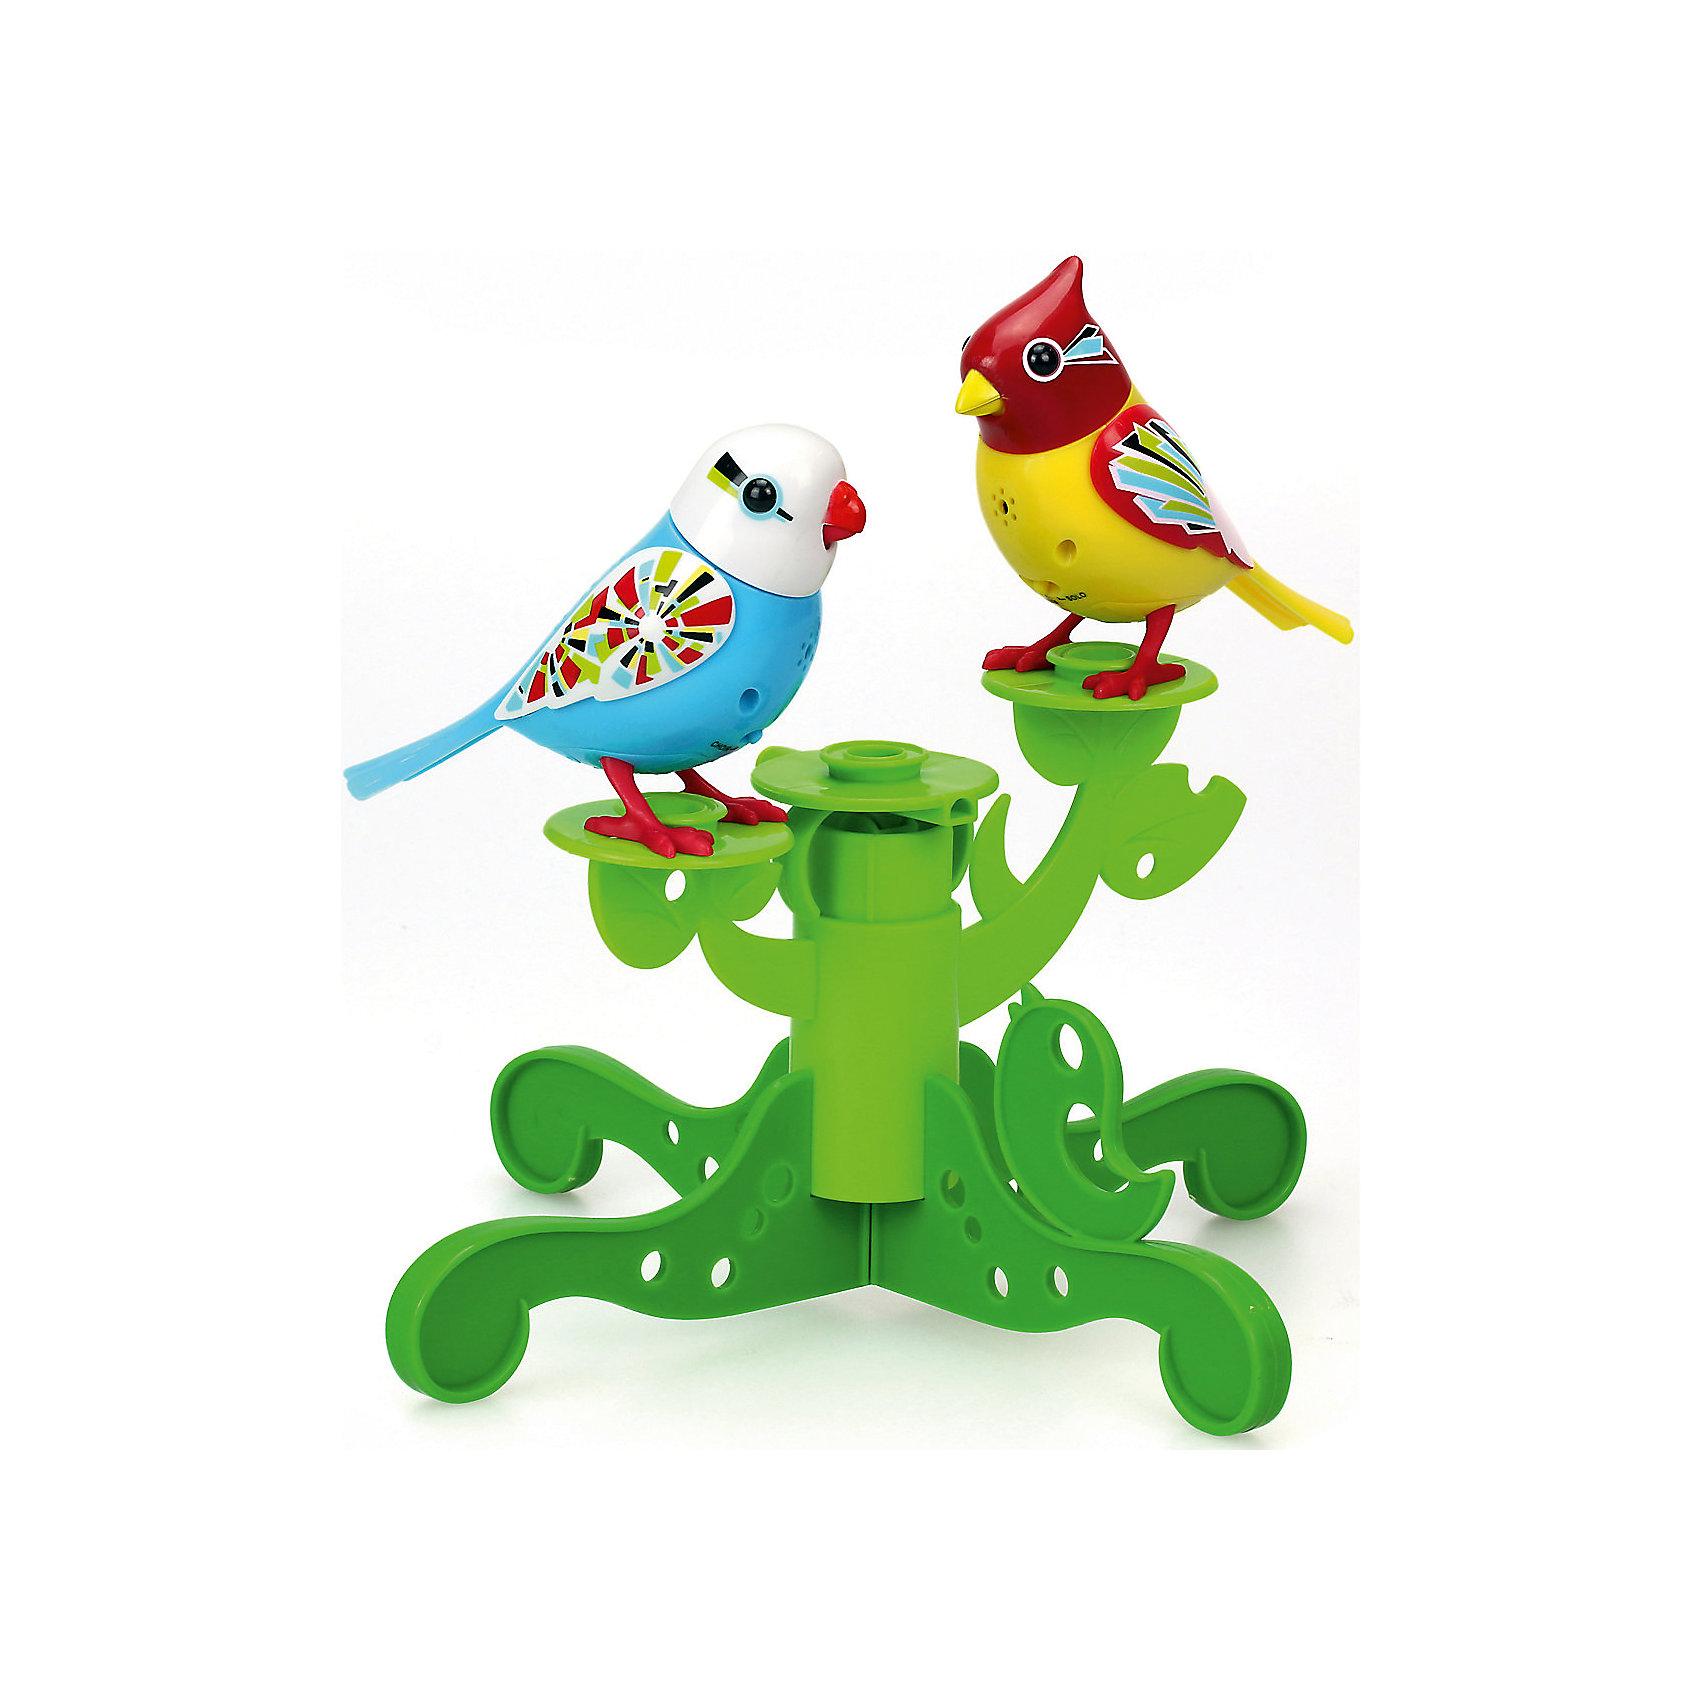 Две птички с деревом, голубая и жёлтая, DigiBirdsИнтерактивные животные<br>Характеристики товара:<br><br>- цвет: голубой, желтый;<br>- материал: пластик, металл;<br>- батарейки: 3xAG13/LR44, в комплекте;<br>- размер упаковки: 25х25х6 см;<br>- умеют петь, двигать крыльями, открывать клюв.<br><br>Такая игрушка в виде птичек на дереве поможет ребенку весело проводить время - каждая умеет петь, двигать крыльями, открывать клюв. Это выглядит очень забавно! Игрушка реагирует на звук от специального свистка, который входит в комплект, или на дуновение. Также можно приобрести другие игрушки из этой серии - тогда они будут петь хором!<br>Игрушка способна помогать всестороннему развитию ребенка: развивать тактильное восприятие, мелкую моторику, воображение, внимание и логику. Изделие произведено из качественных материалов, безопасных для ребенка. Набор станет отличным подарком детям!<br><br>Игрушку Две птички с деревом, голубая и жёлтая от бренда DigiBirds можно купить в нашем интернет-магазине.<br><br>Ширина мм: 57<br>Глубина мм: 248<br>Высота мм: 248<br>Вес г: 330<br>Возраст от месяцев: 36<br>Возраст до месяцев: 2147483647<br>Пол: Женский<br>Возраст: Детский<br>SKU: 5156841